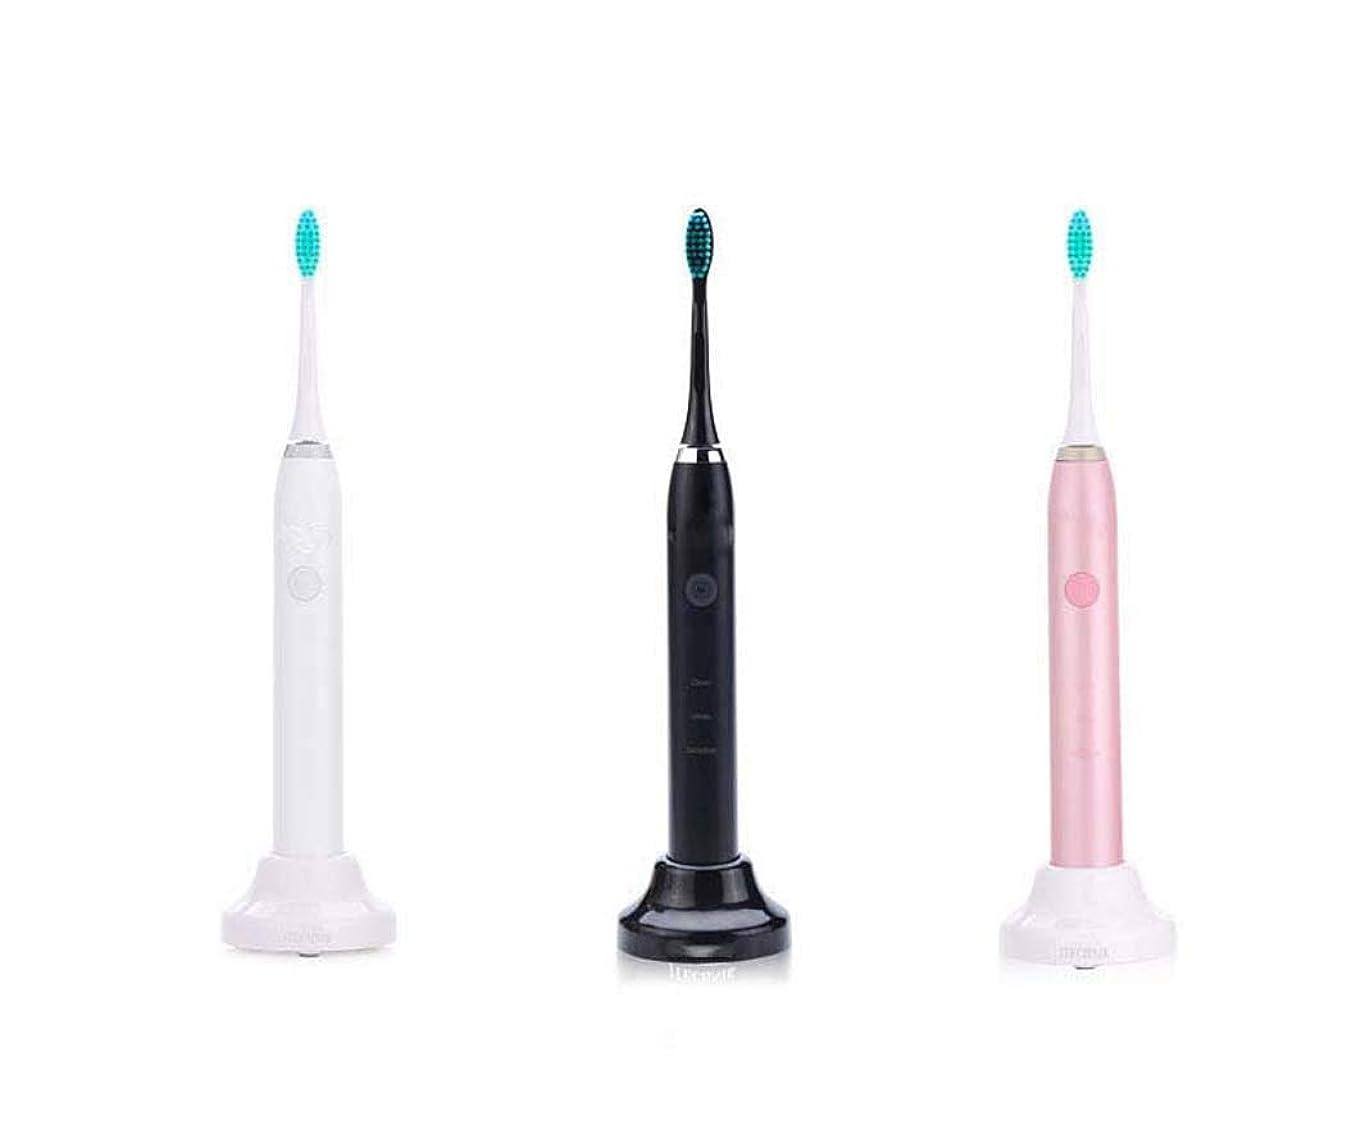 夢保護大型トラックLectric歯ブラシ、誘導充電式歯ブラシ、充電式ソニック自動歯ブラシ、インテリジェントタイミングチェンジエリアリマインド、ミュート防水(カラー:ブラック)